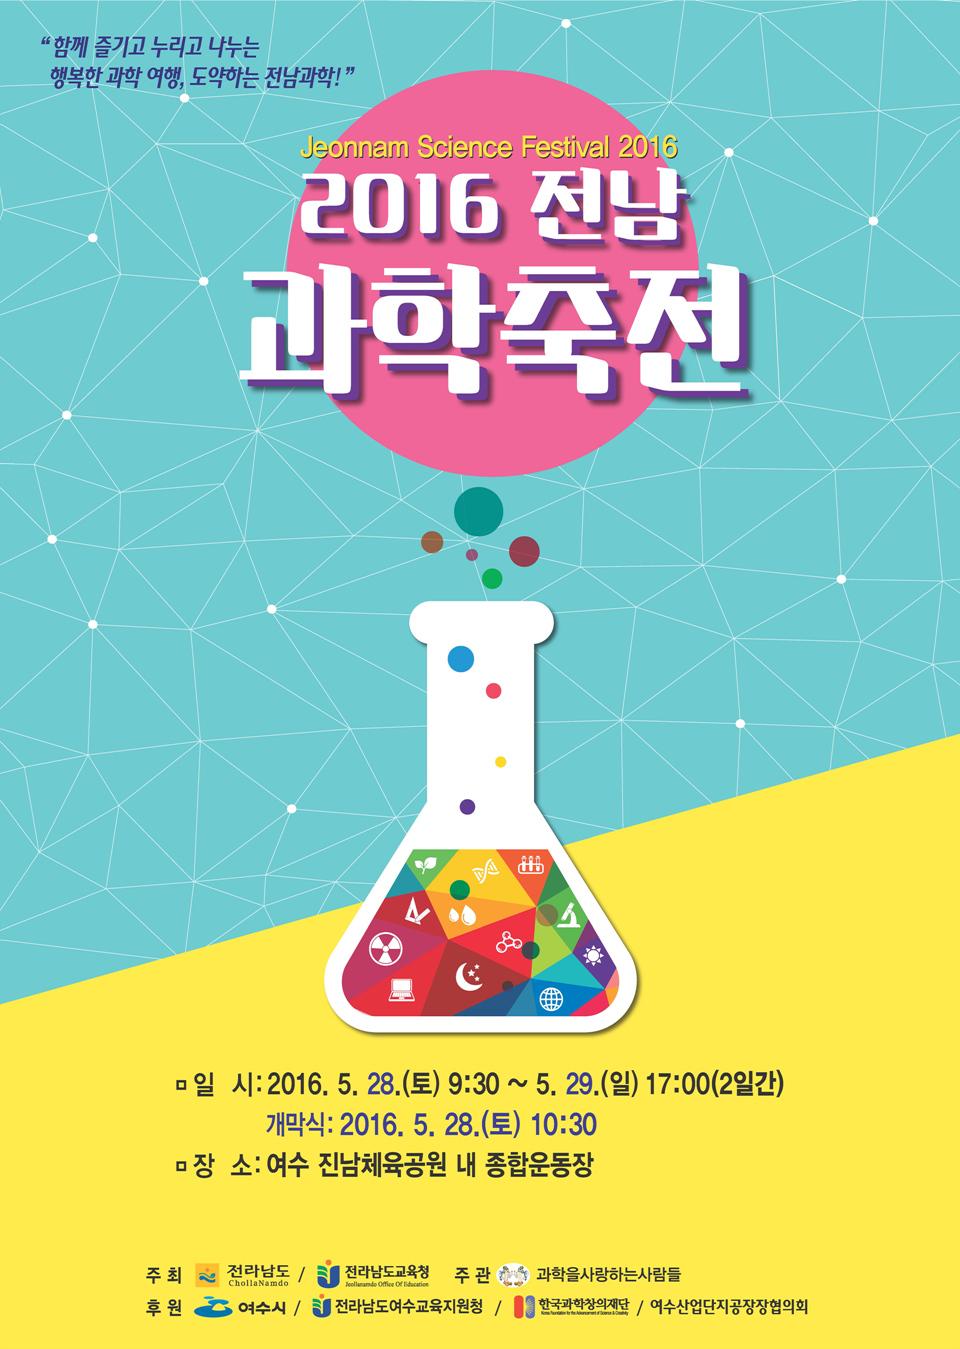 2016 전남과학축전.jpg